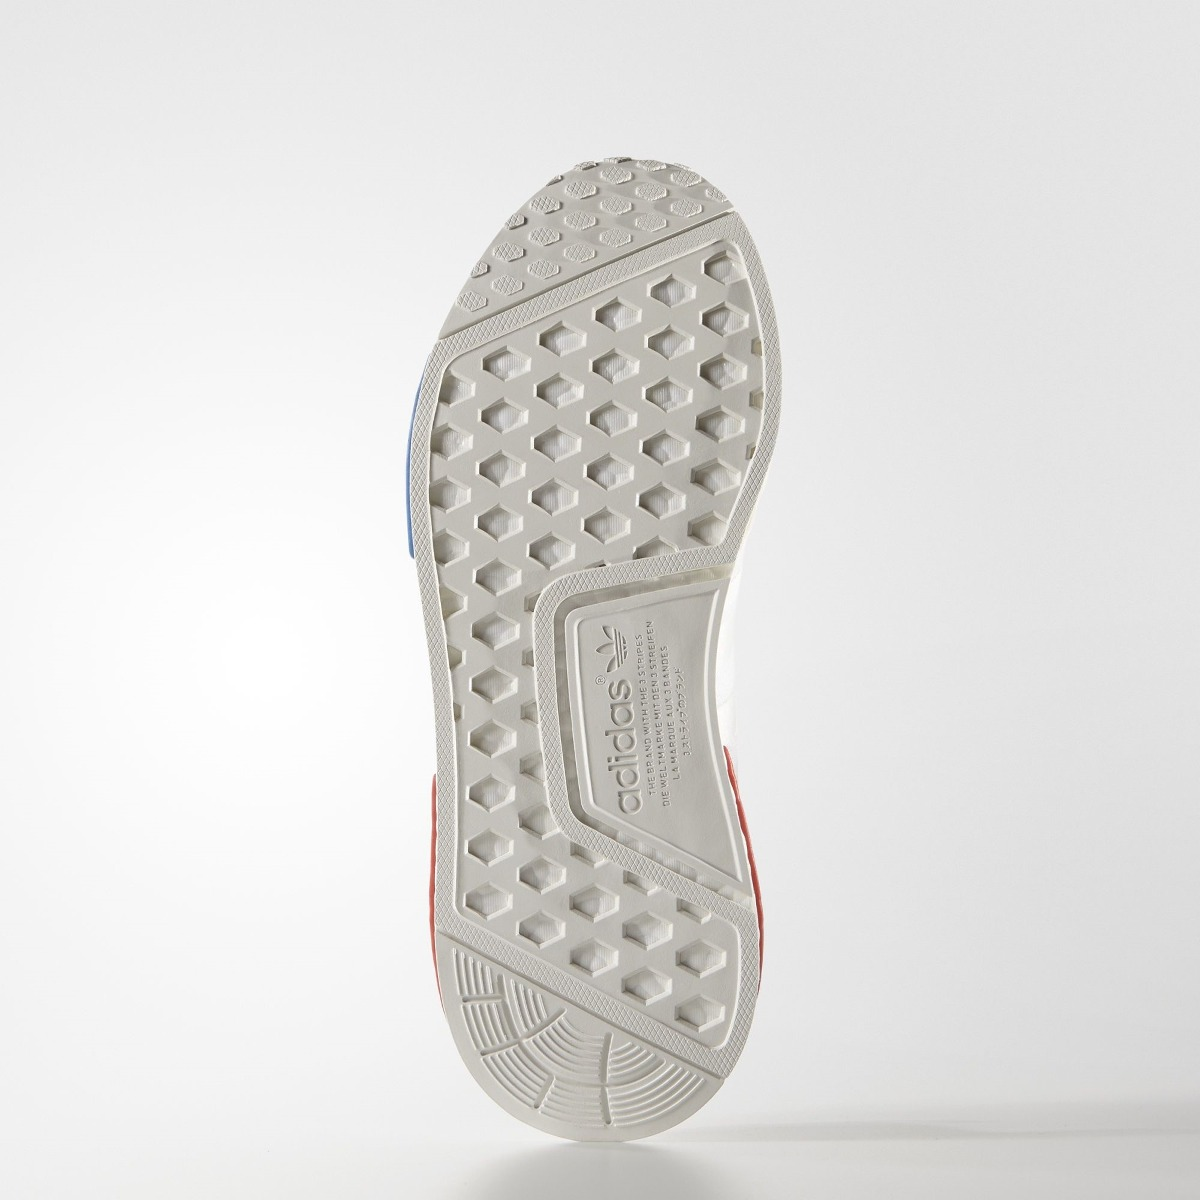 best sneakers 4e02d 35a5b tênis adidas nmd runner pk branco homem originals promoção. Carregando zoom.